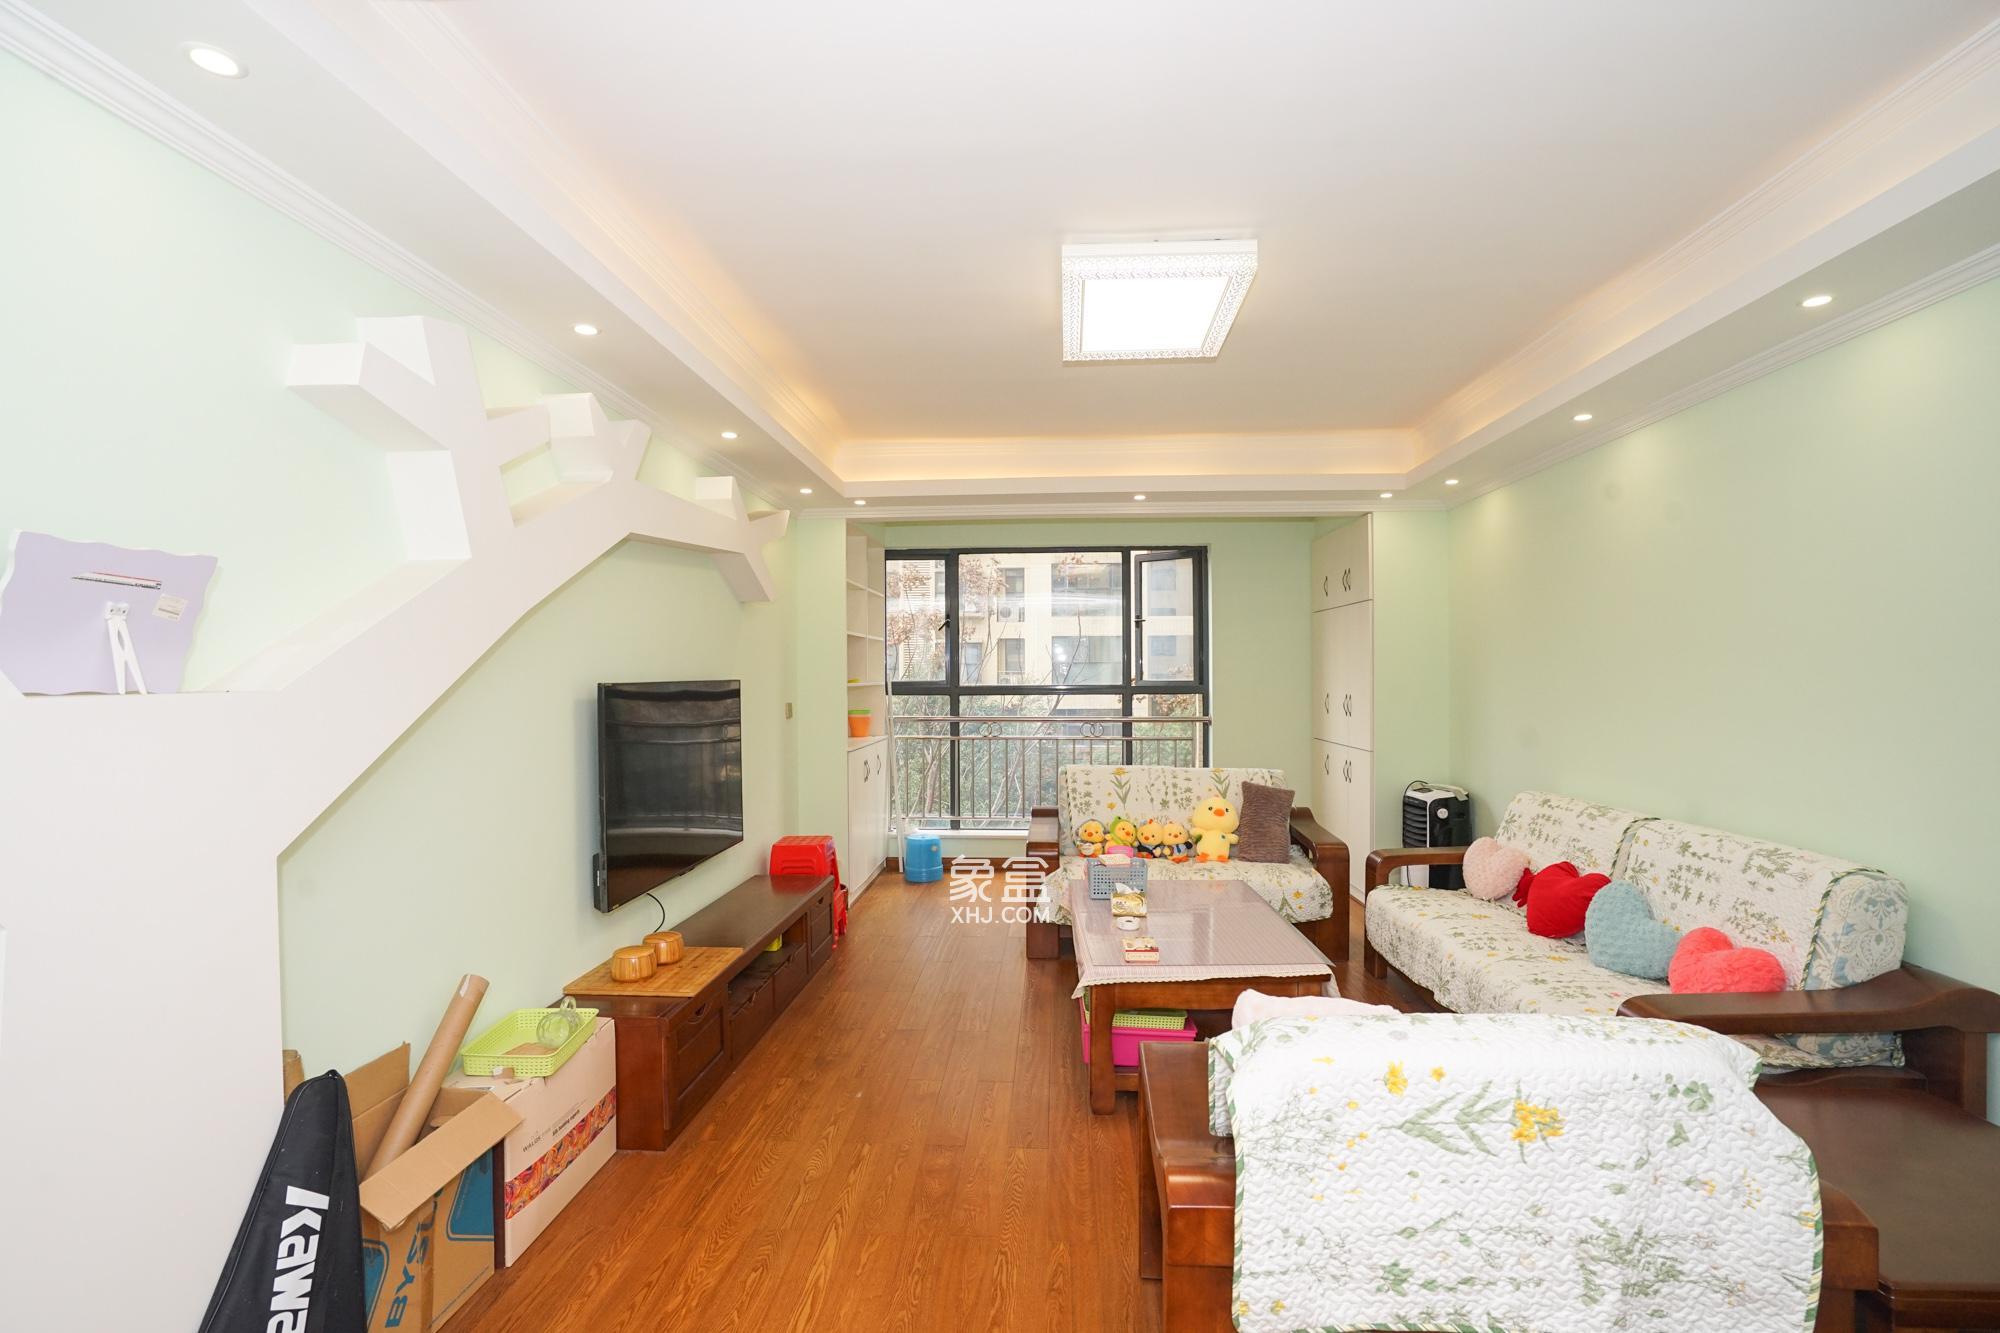 長盛嵐庭 入住時間一個半月 滿五一住房 中央空調 實木家具